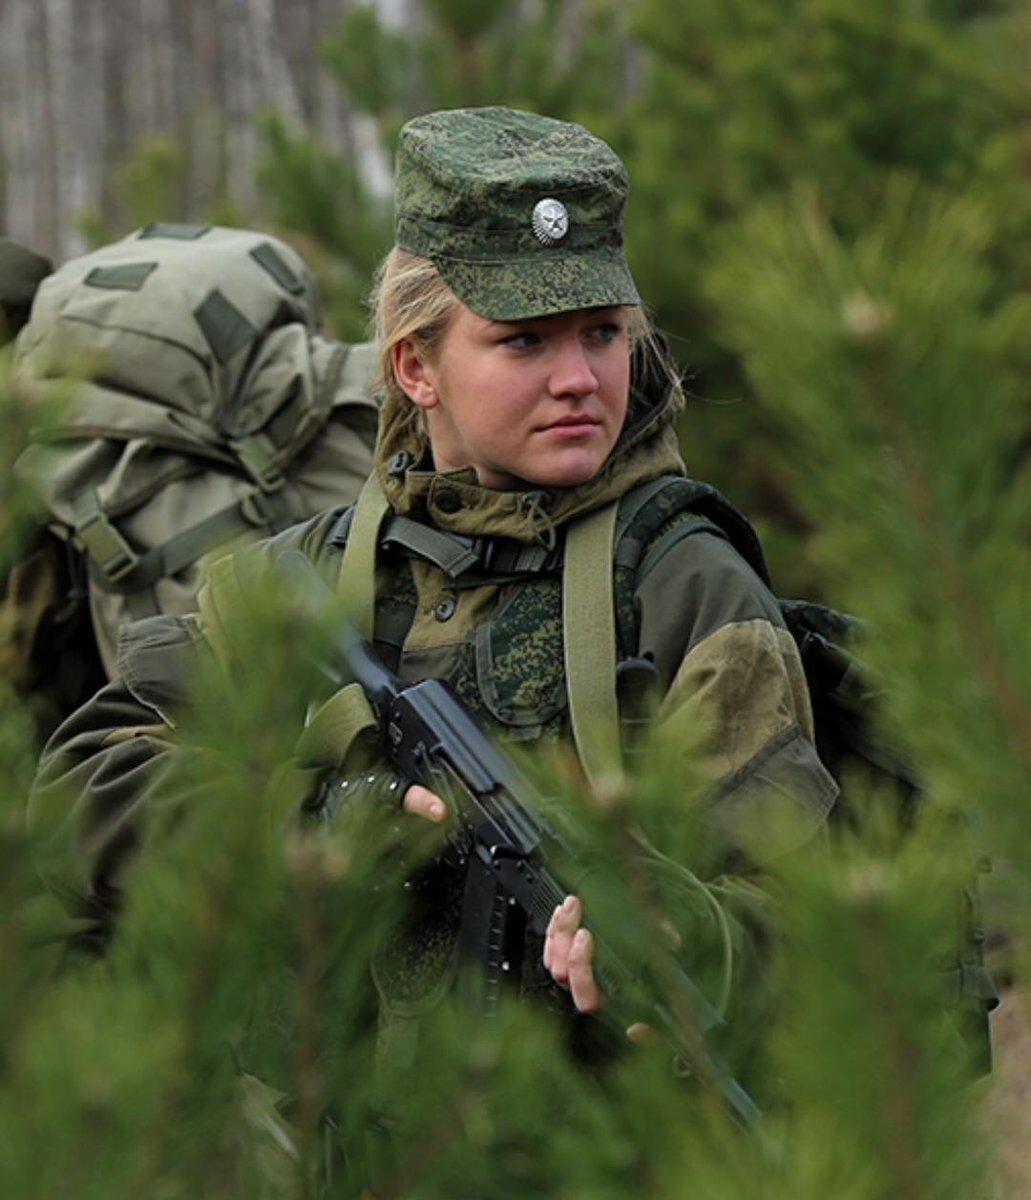 Смотреть картинки военые